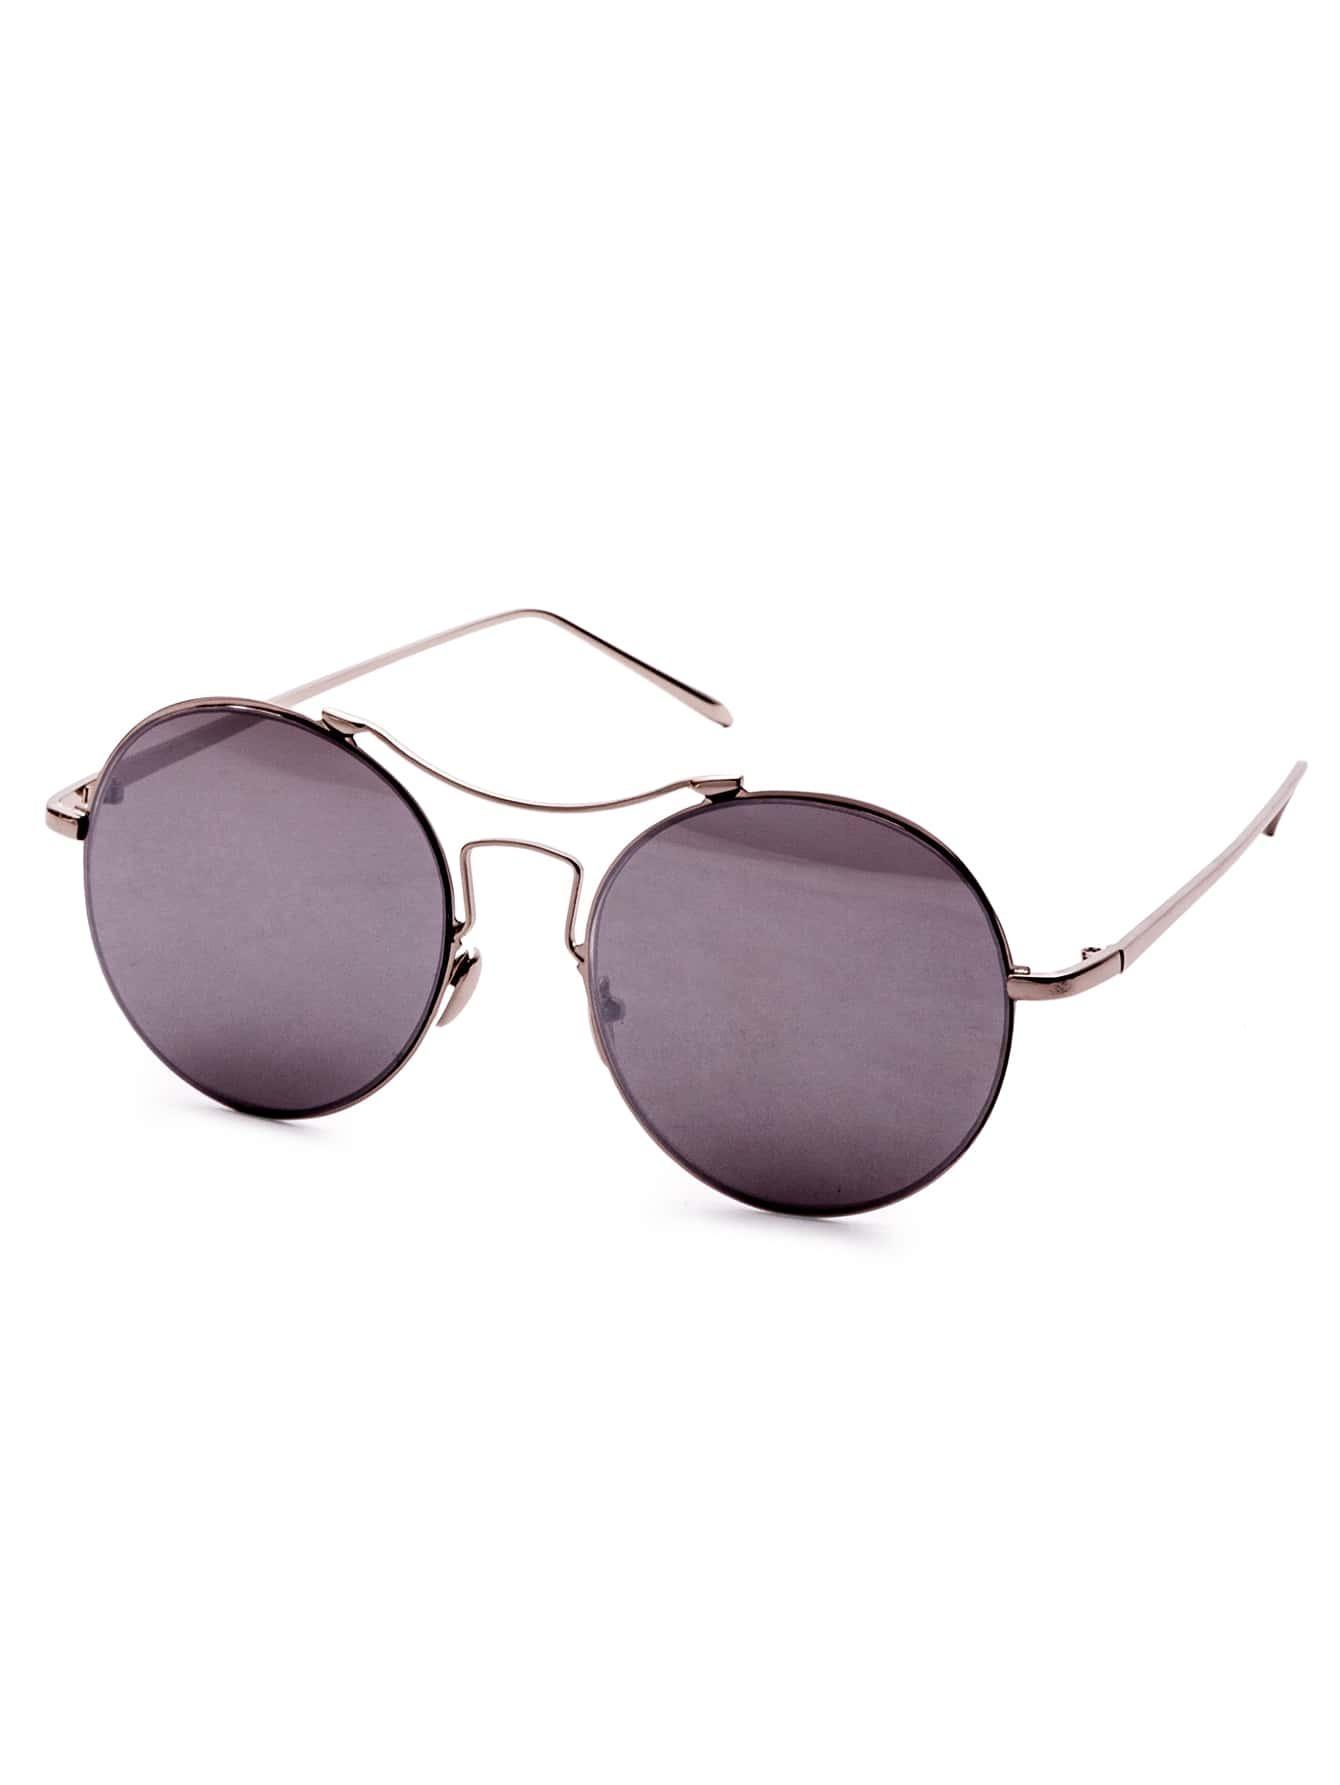 Silver Frame Double Bridge SunglassesSilver Frame Double Bridge Sunglasses<br><br>color: Grey<br>size: None